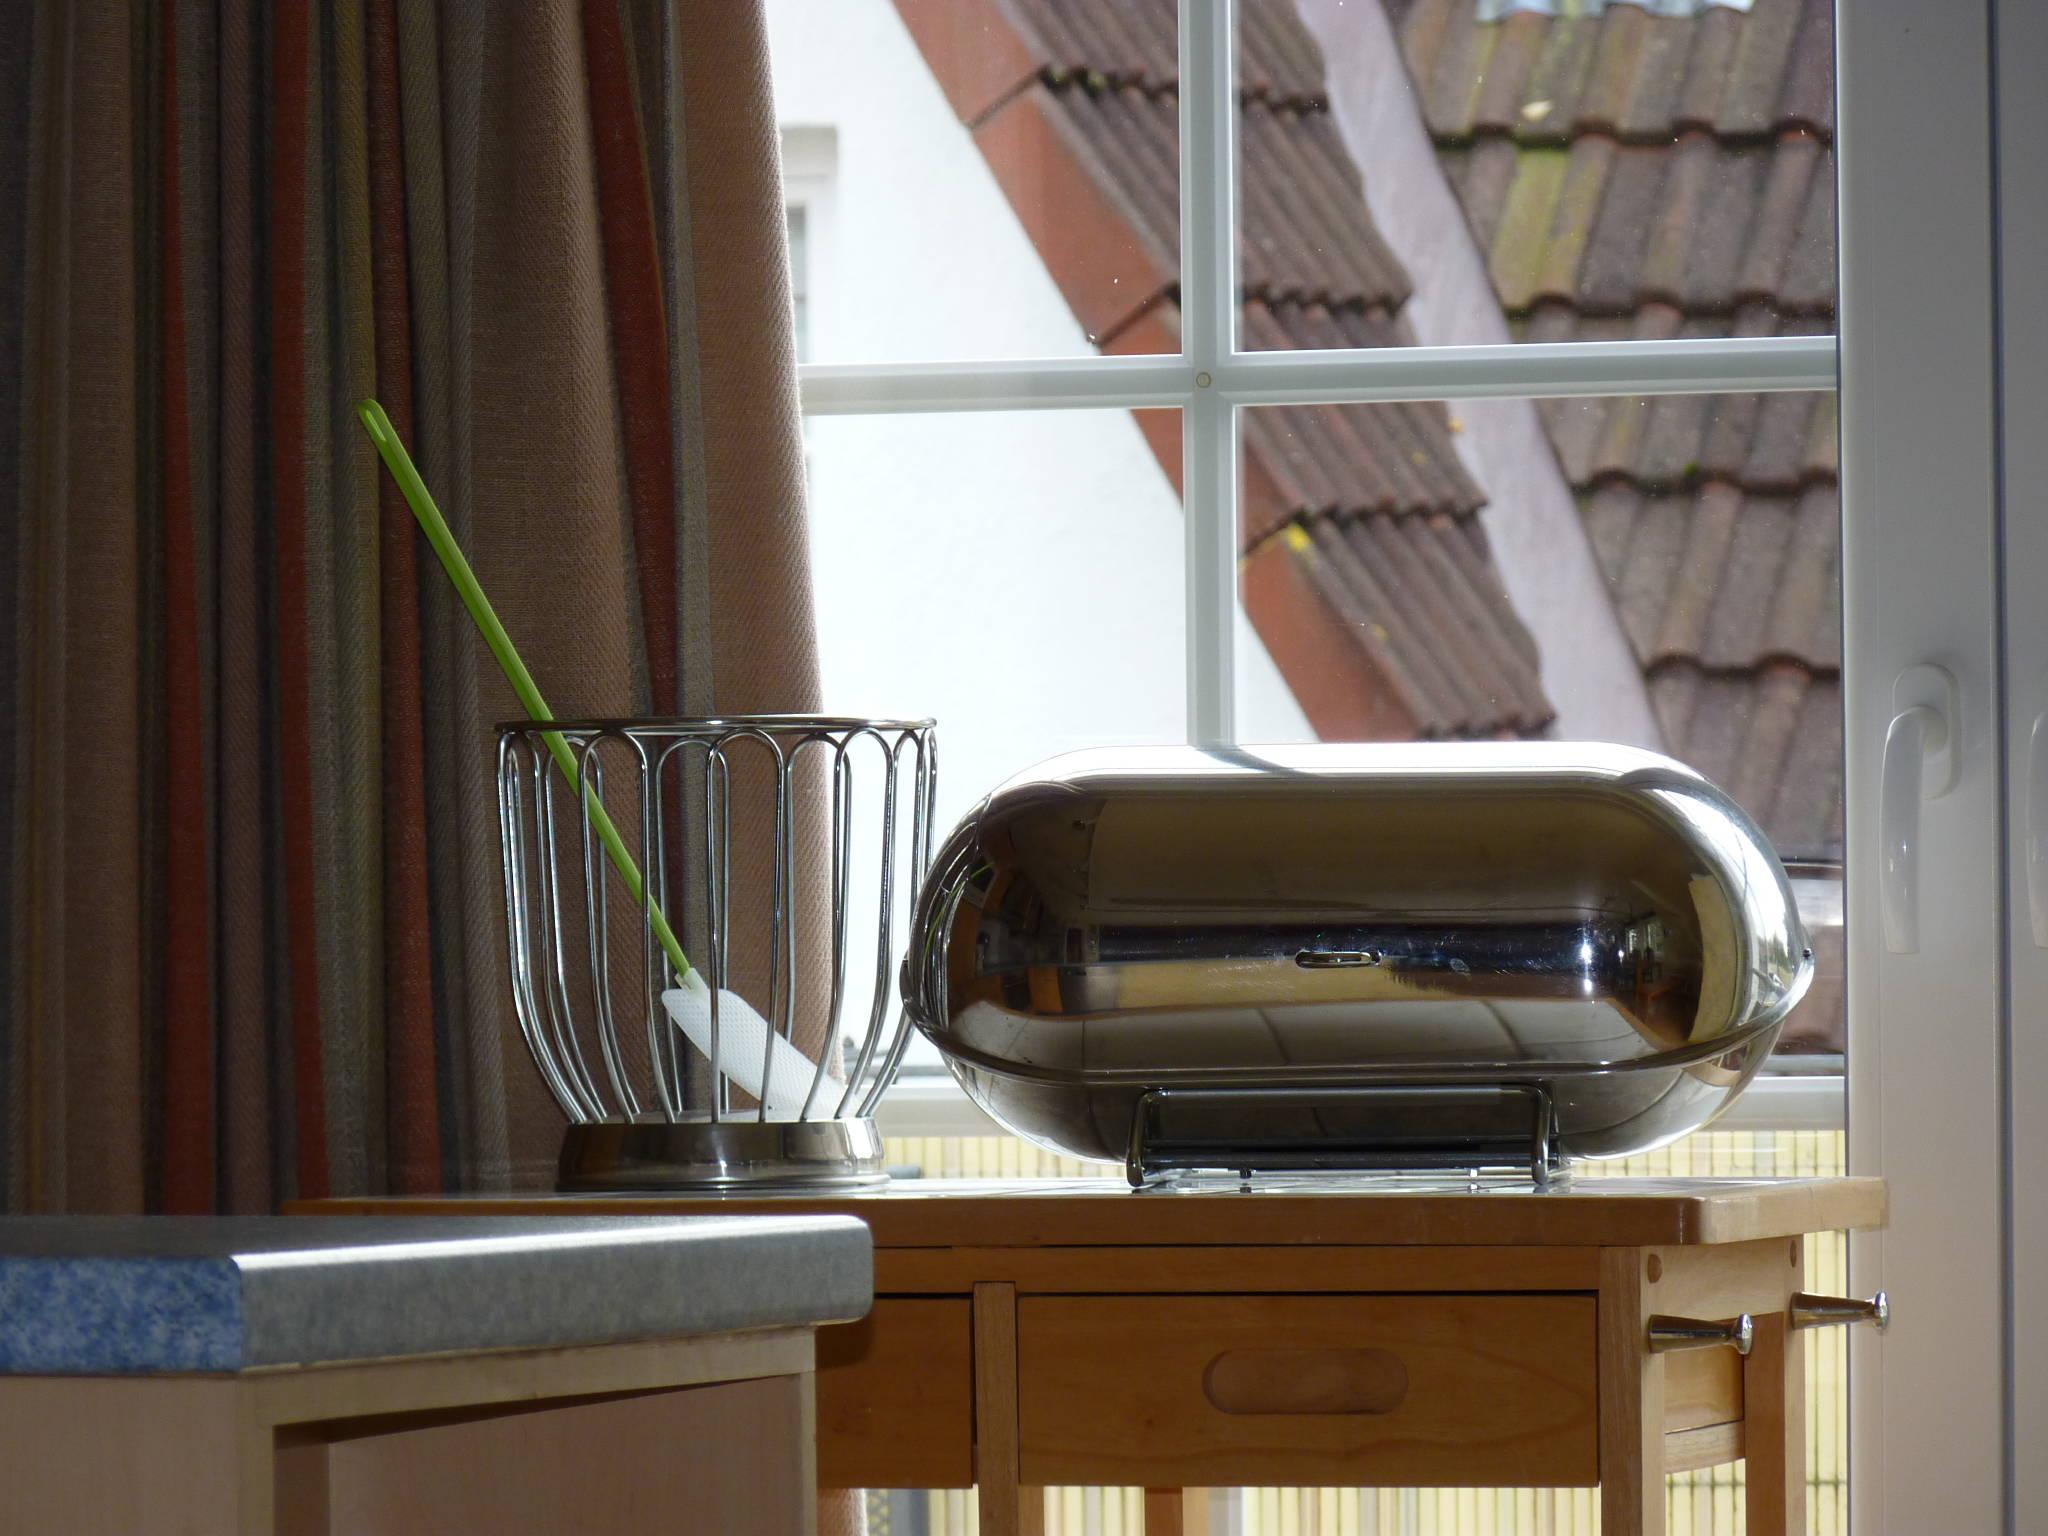 Ess & Sitzecke aus der Küchensicht